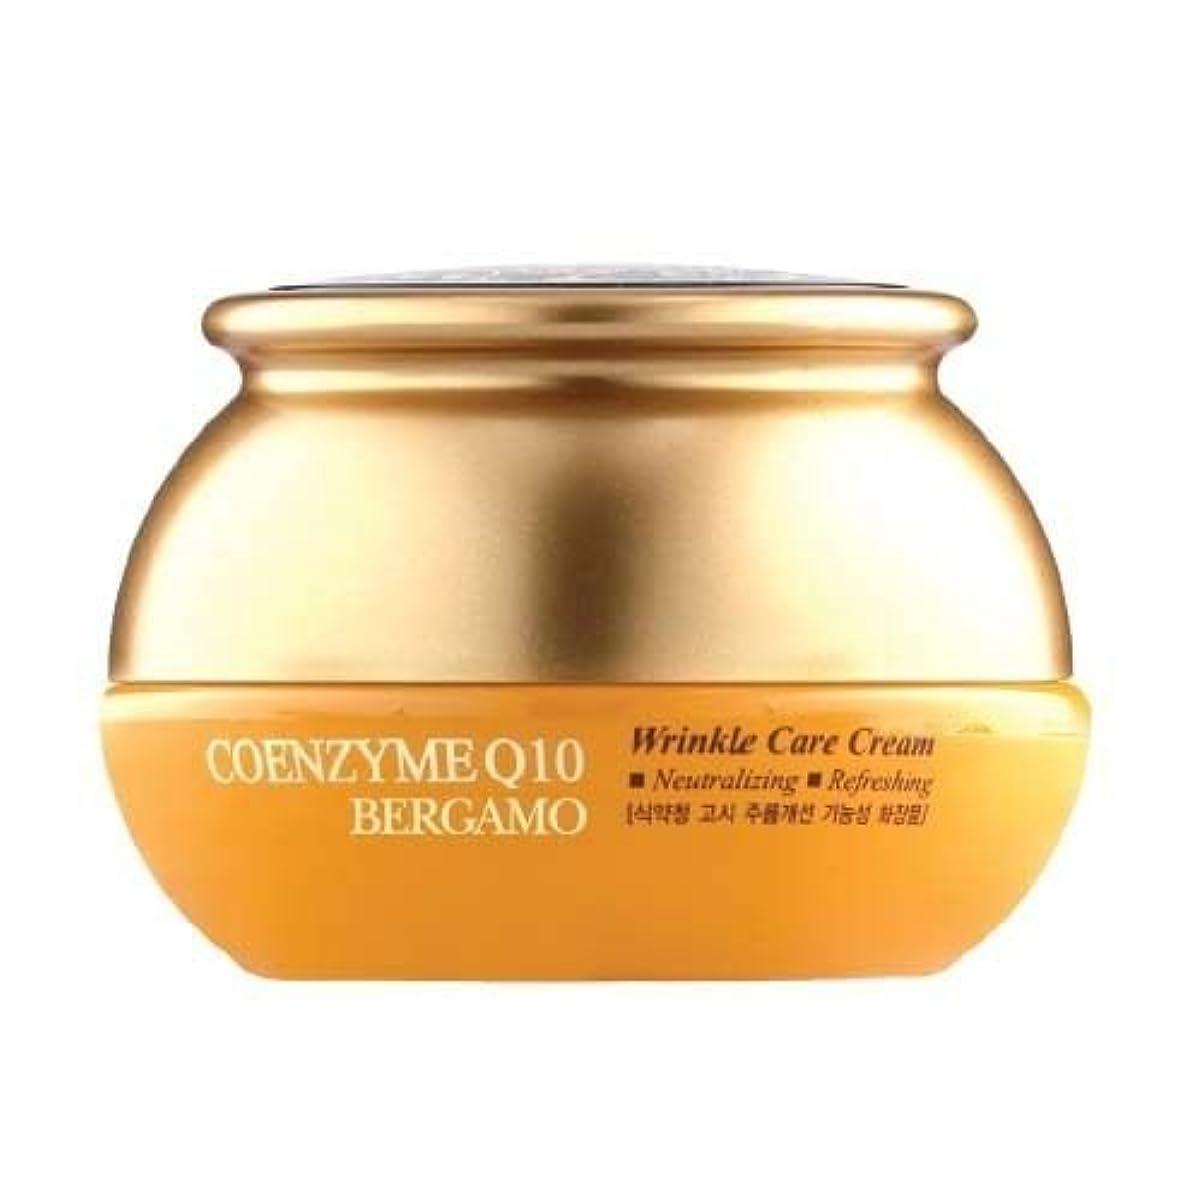 組立とらえどころのない闘争ベルガモ[韓国コスメBergamo]Coenzyme Q10 Wrinkle Care Cream コエンザイムQ10リンクルケアクリーム50ml しわ管理 [並行輸入品]